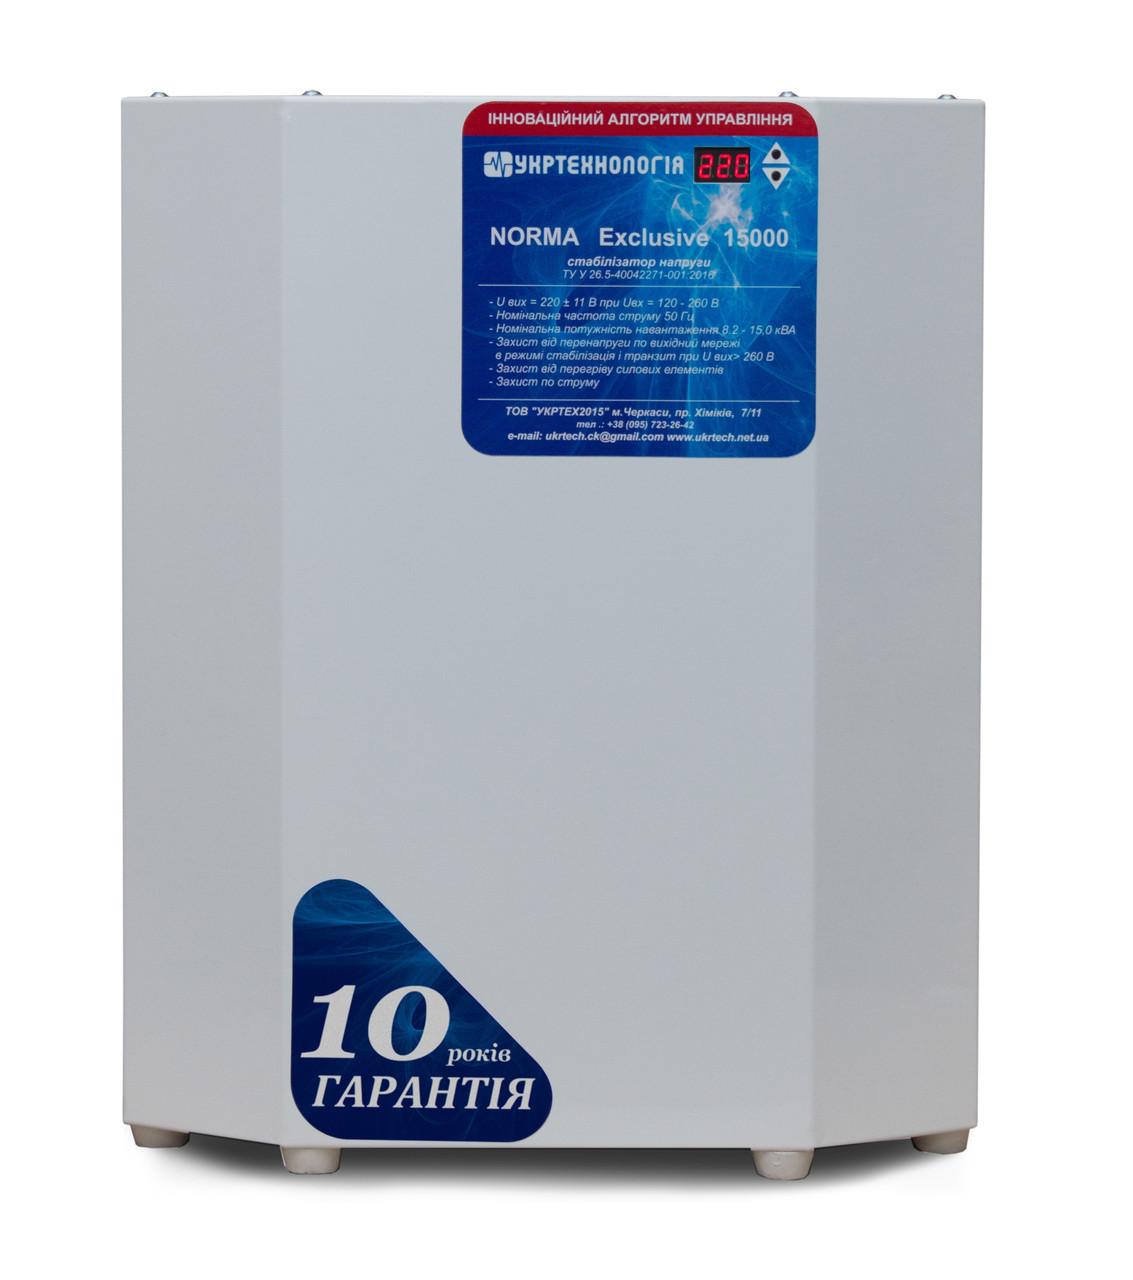 Стабилизатор напряжения Укртехнология Norma Exclusive НСН-15000 (80А)